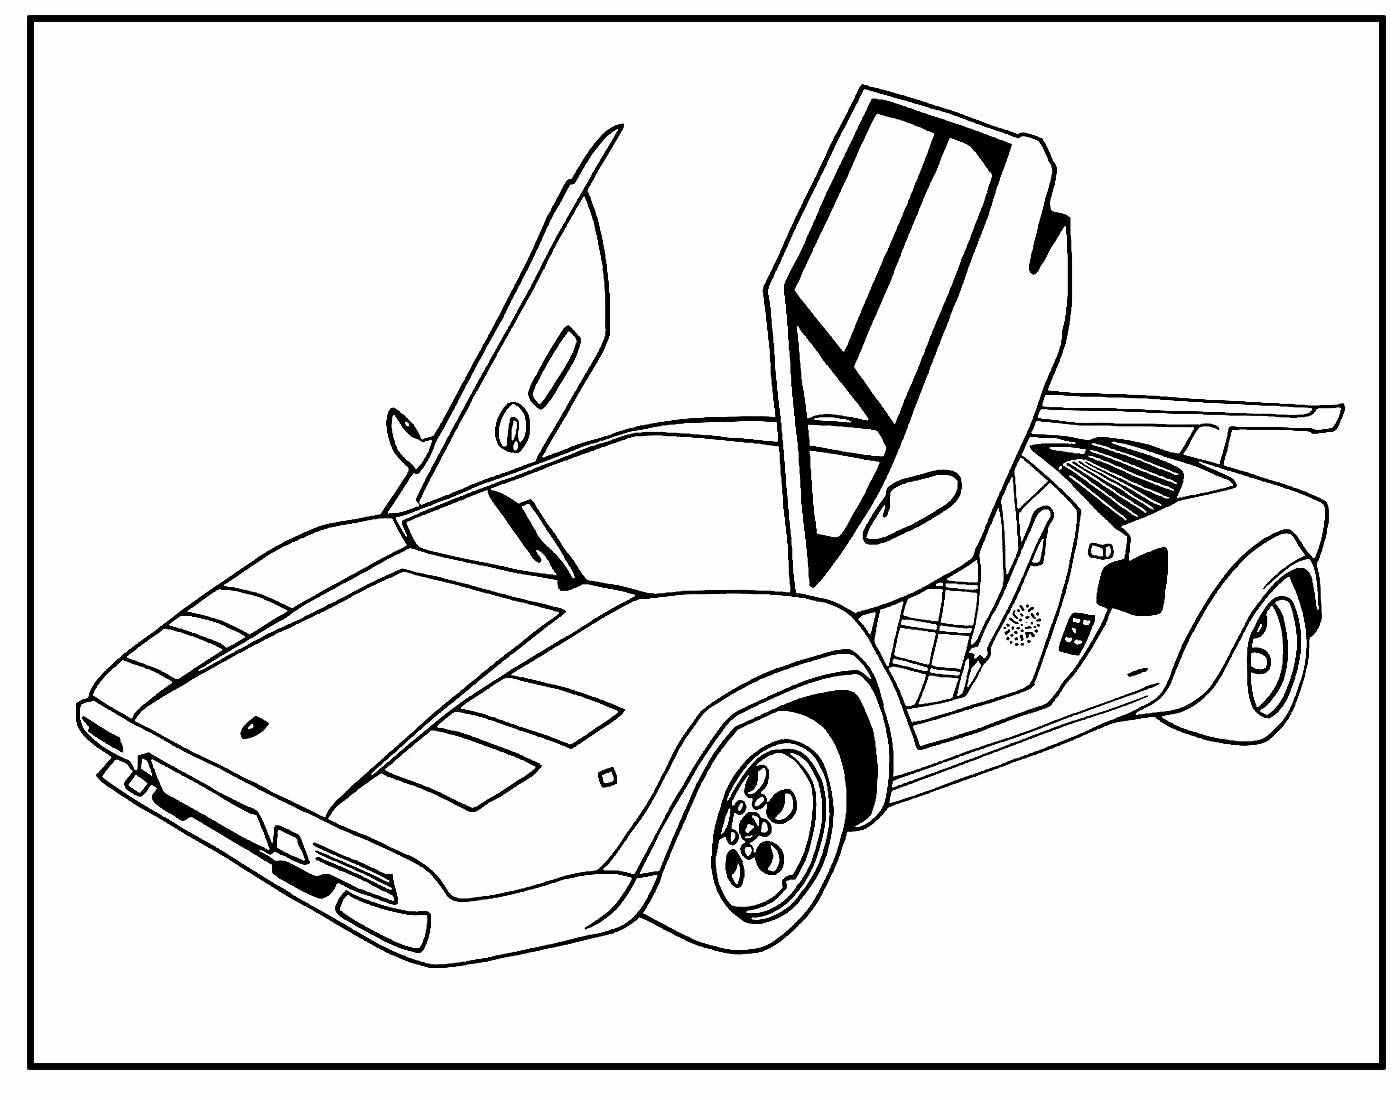 Página para colorir de Carro Potente